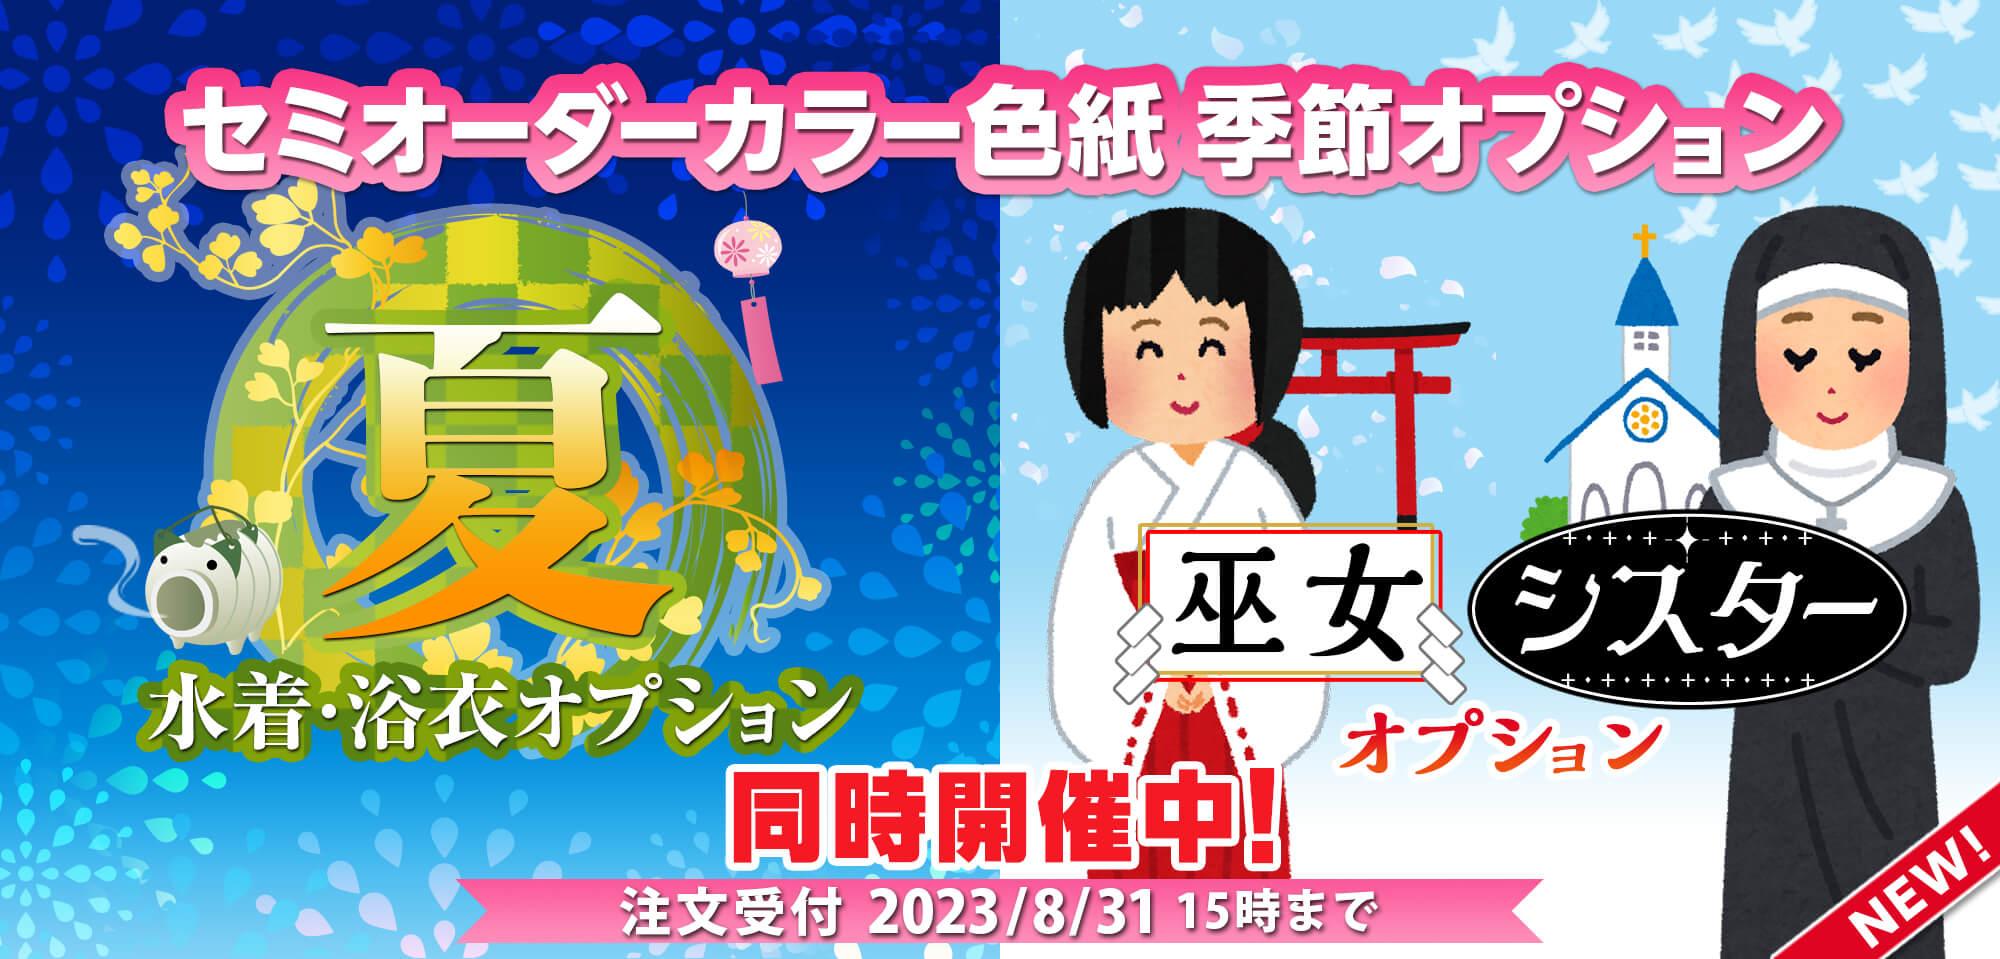 【受注販売】アニメ「テニスの王子様」20周年記念フラワーブーケ(生花)/Flanni